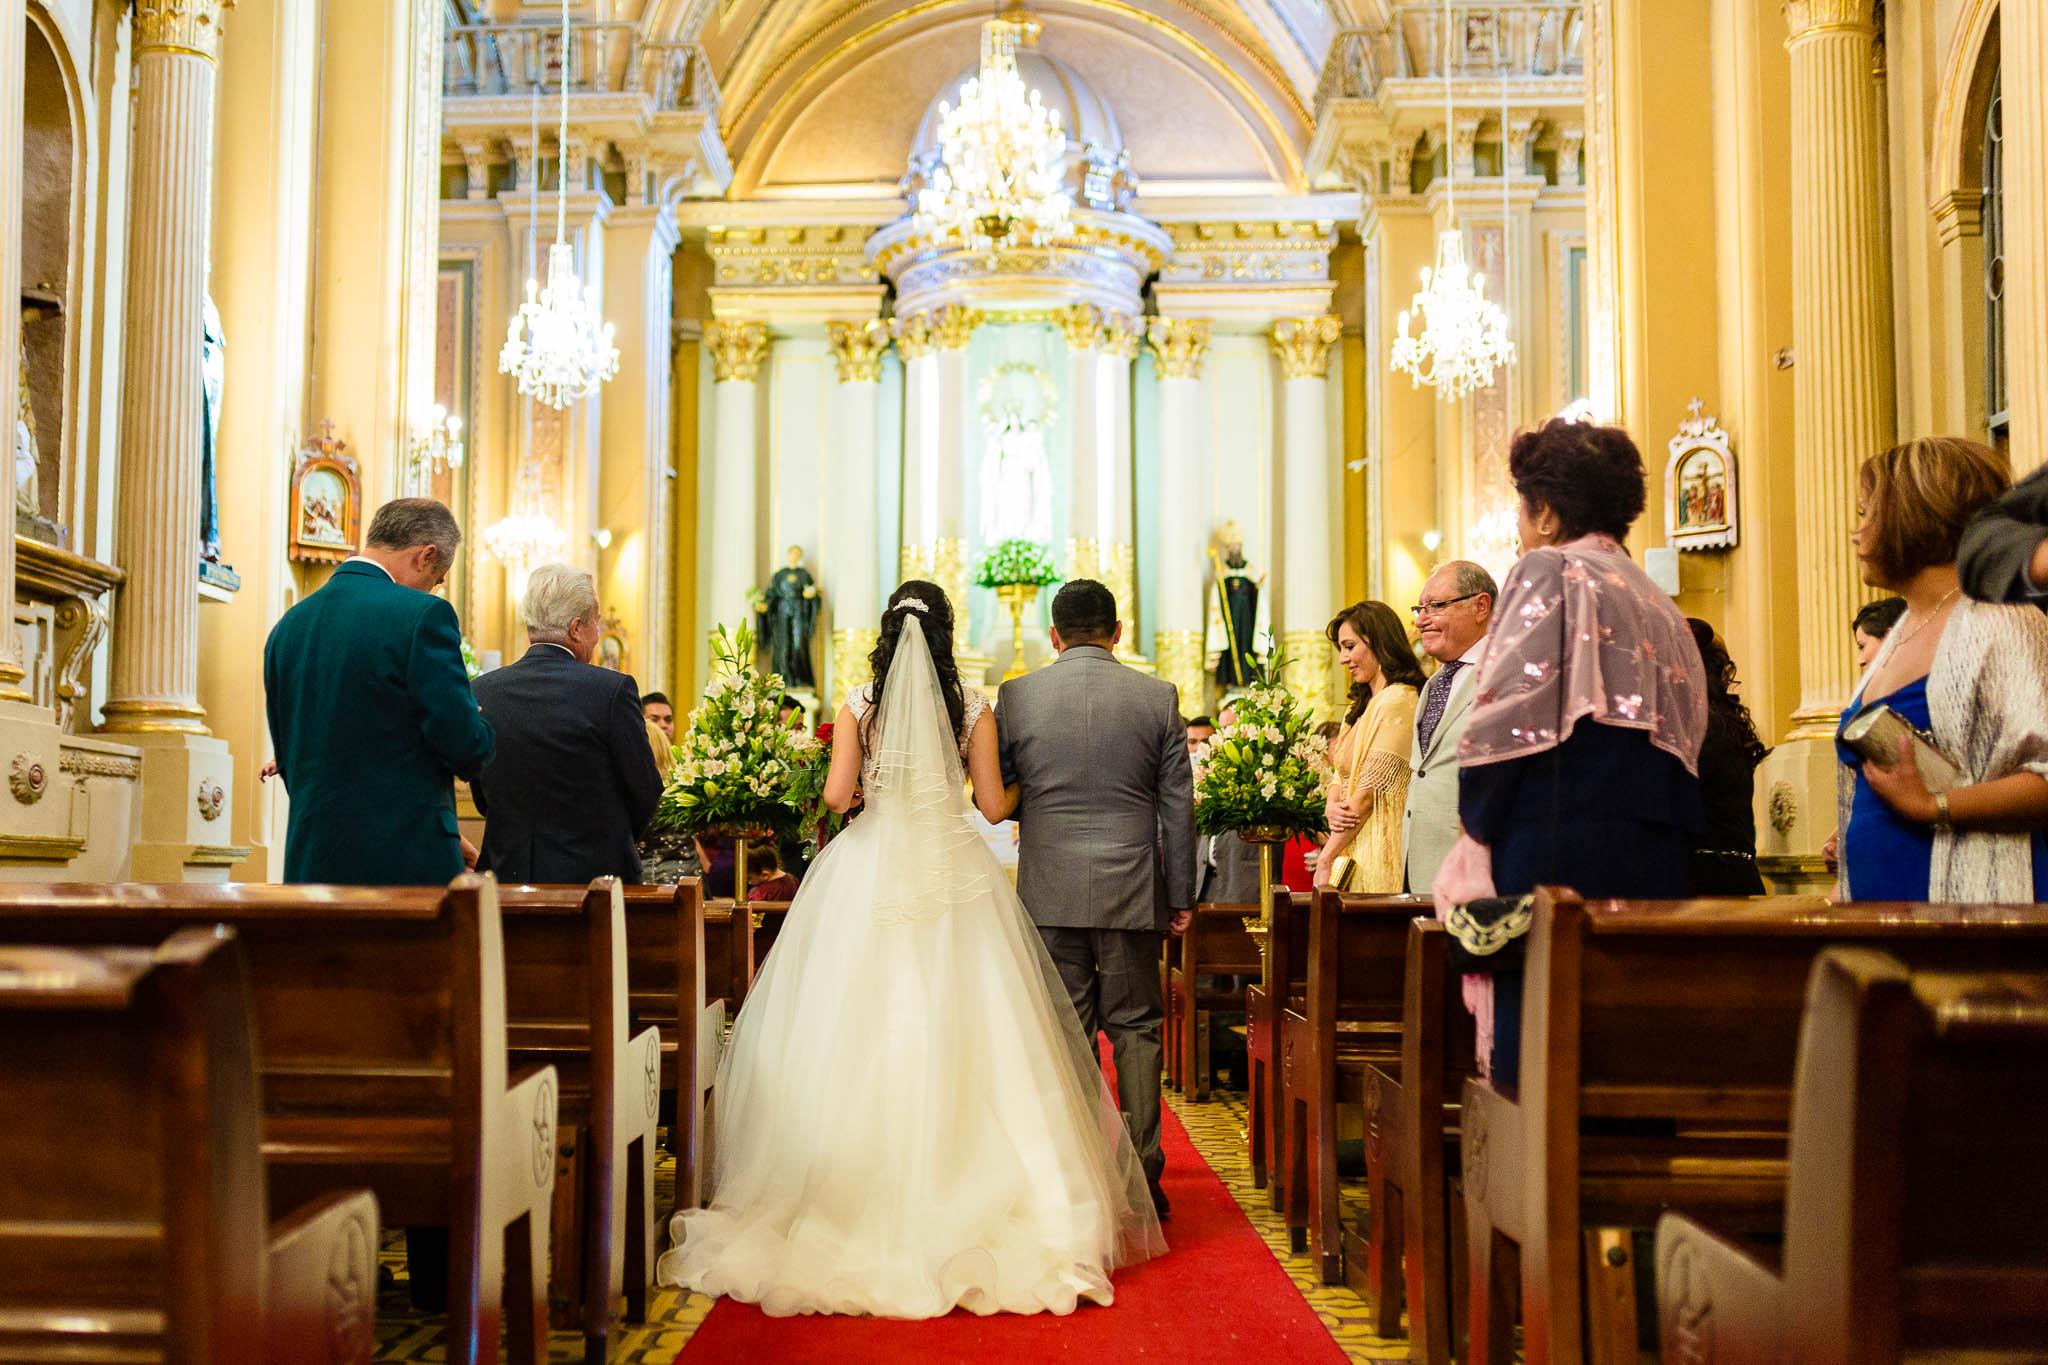 fotografo de bodas san luis potosi boda mexico wedding destination fotos de boda 77